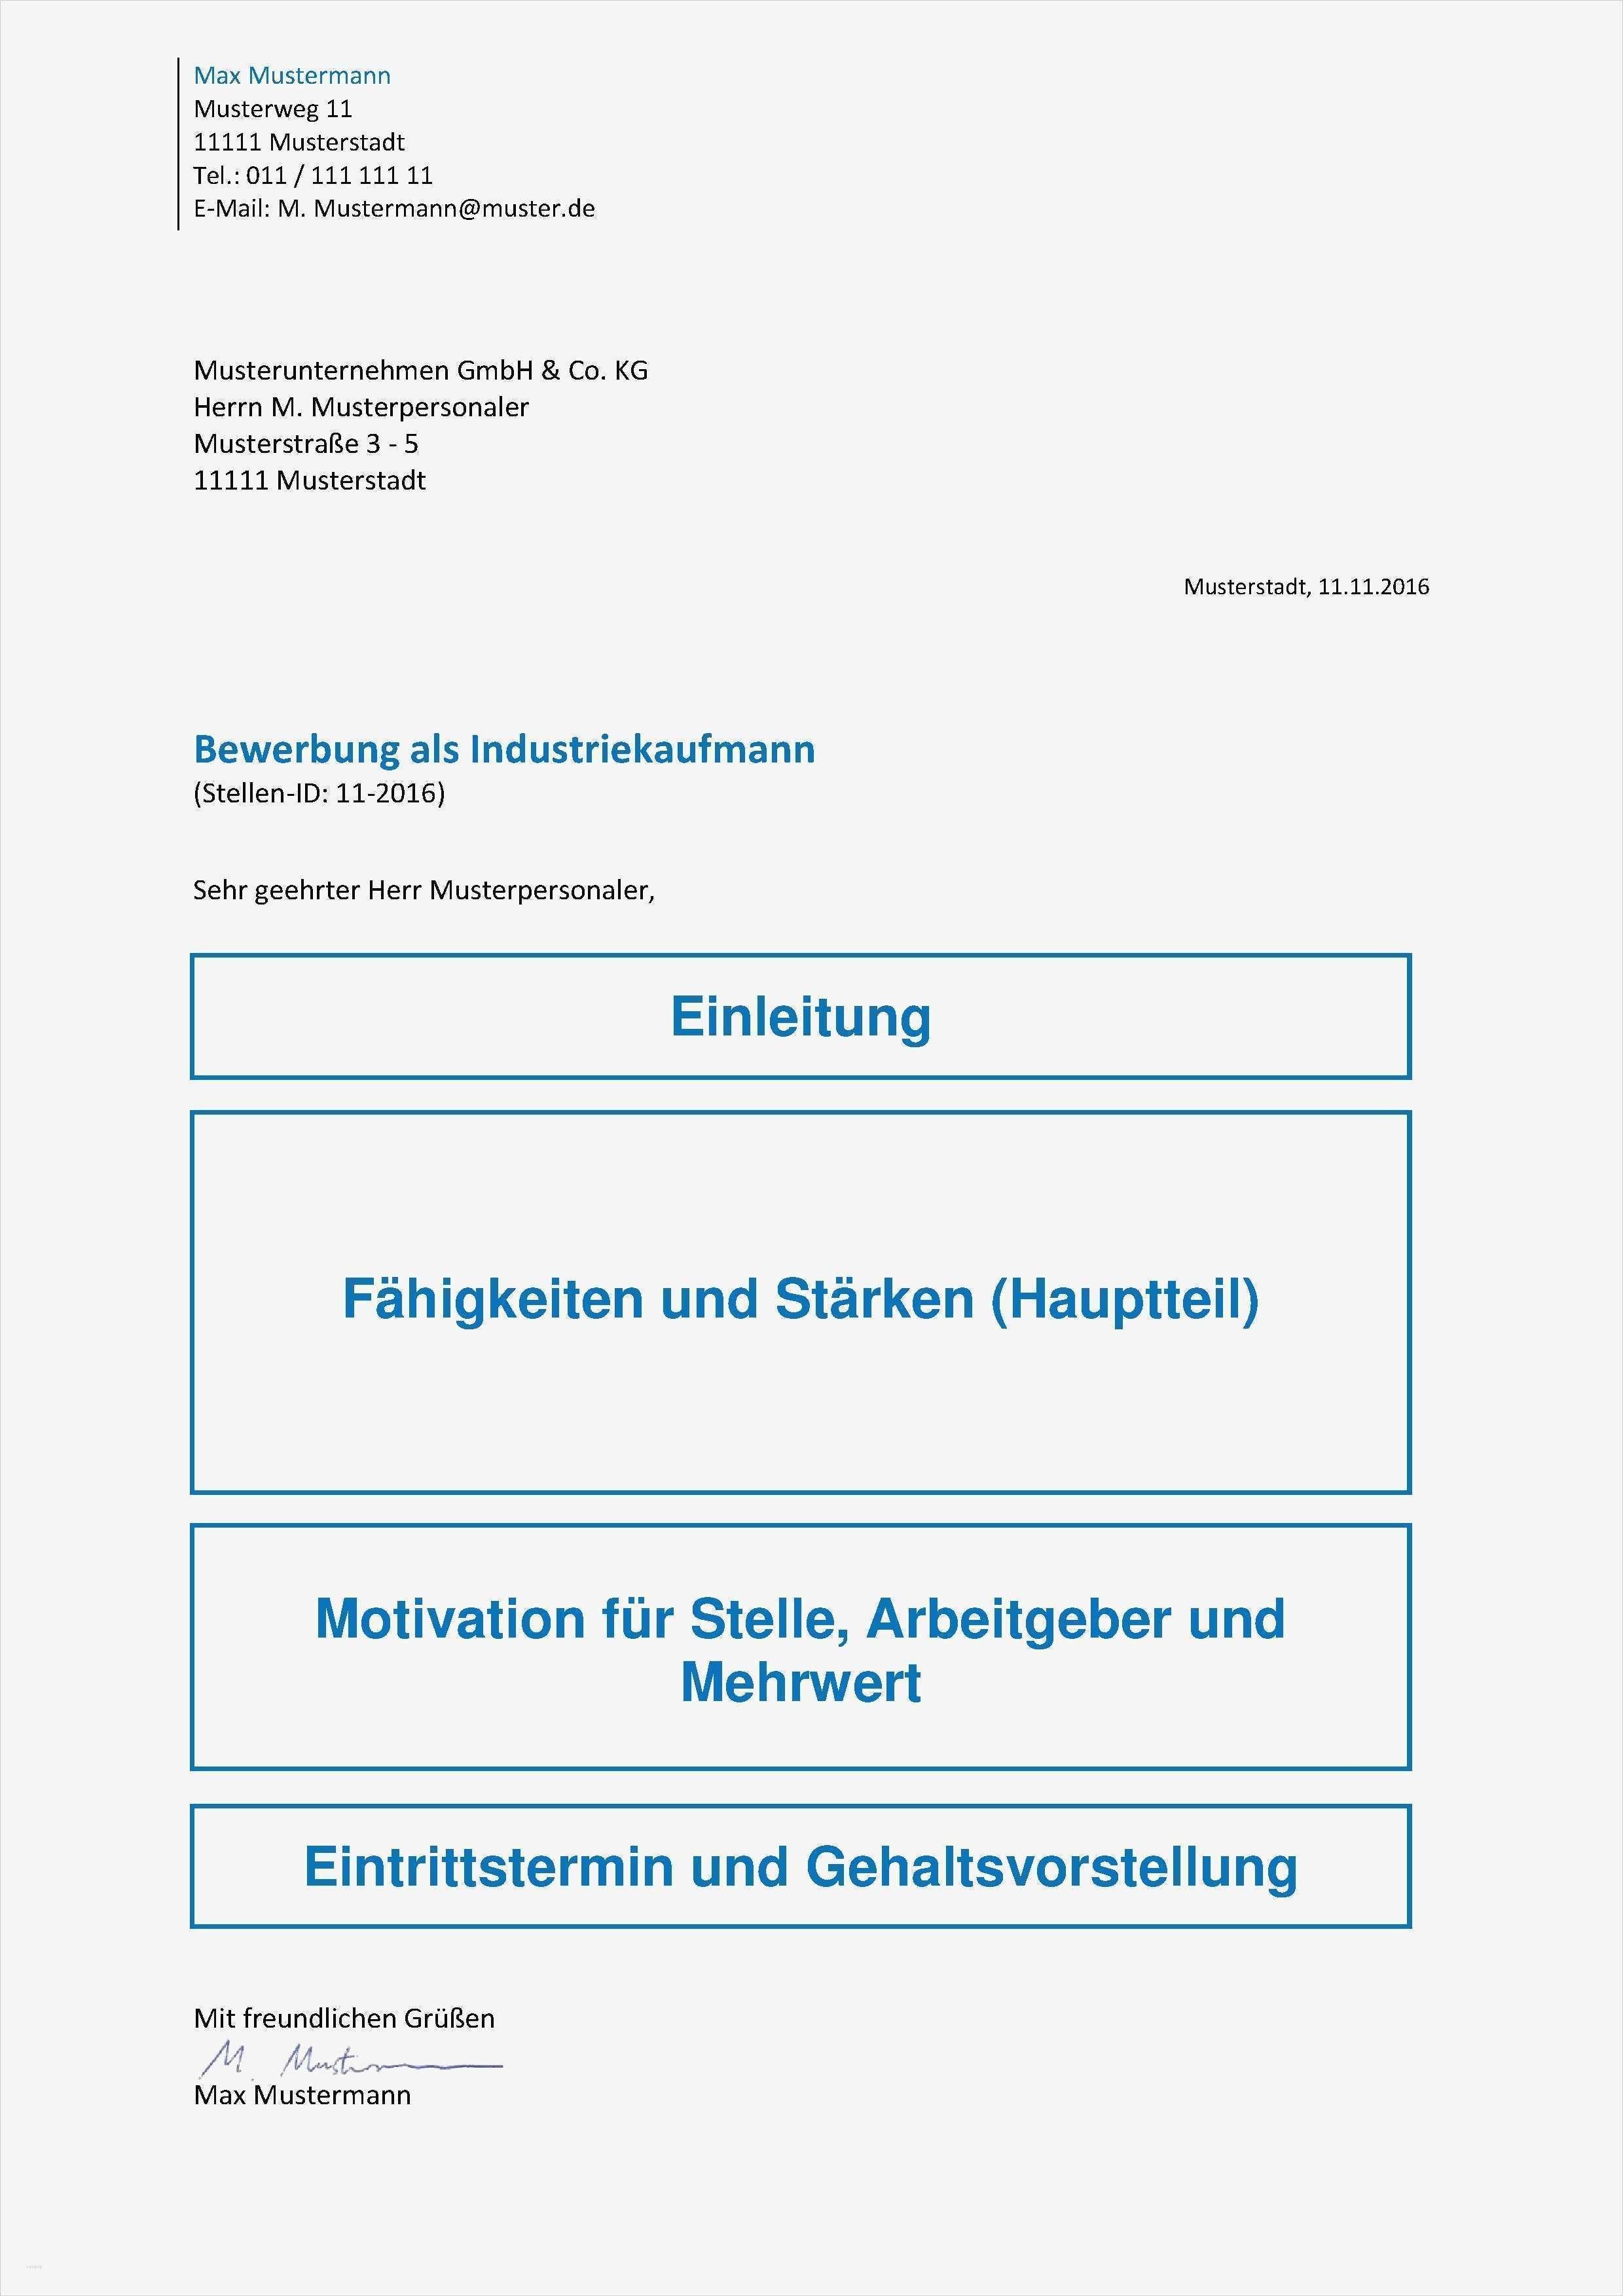 Neu Bewerbung Von Zeitarbeit In Festanstellung Muster Briefprobe Briefformat Briefvorlage Bewerbung Schreiben Bewerbungsschreiben Bewerbung Anschreiben